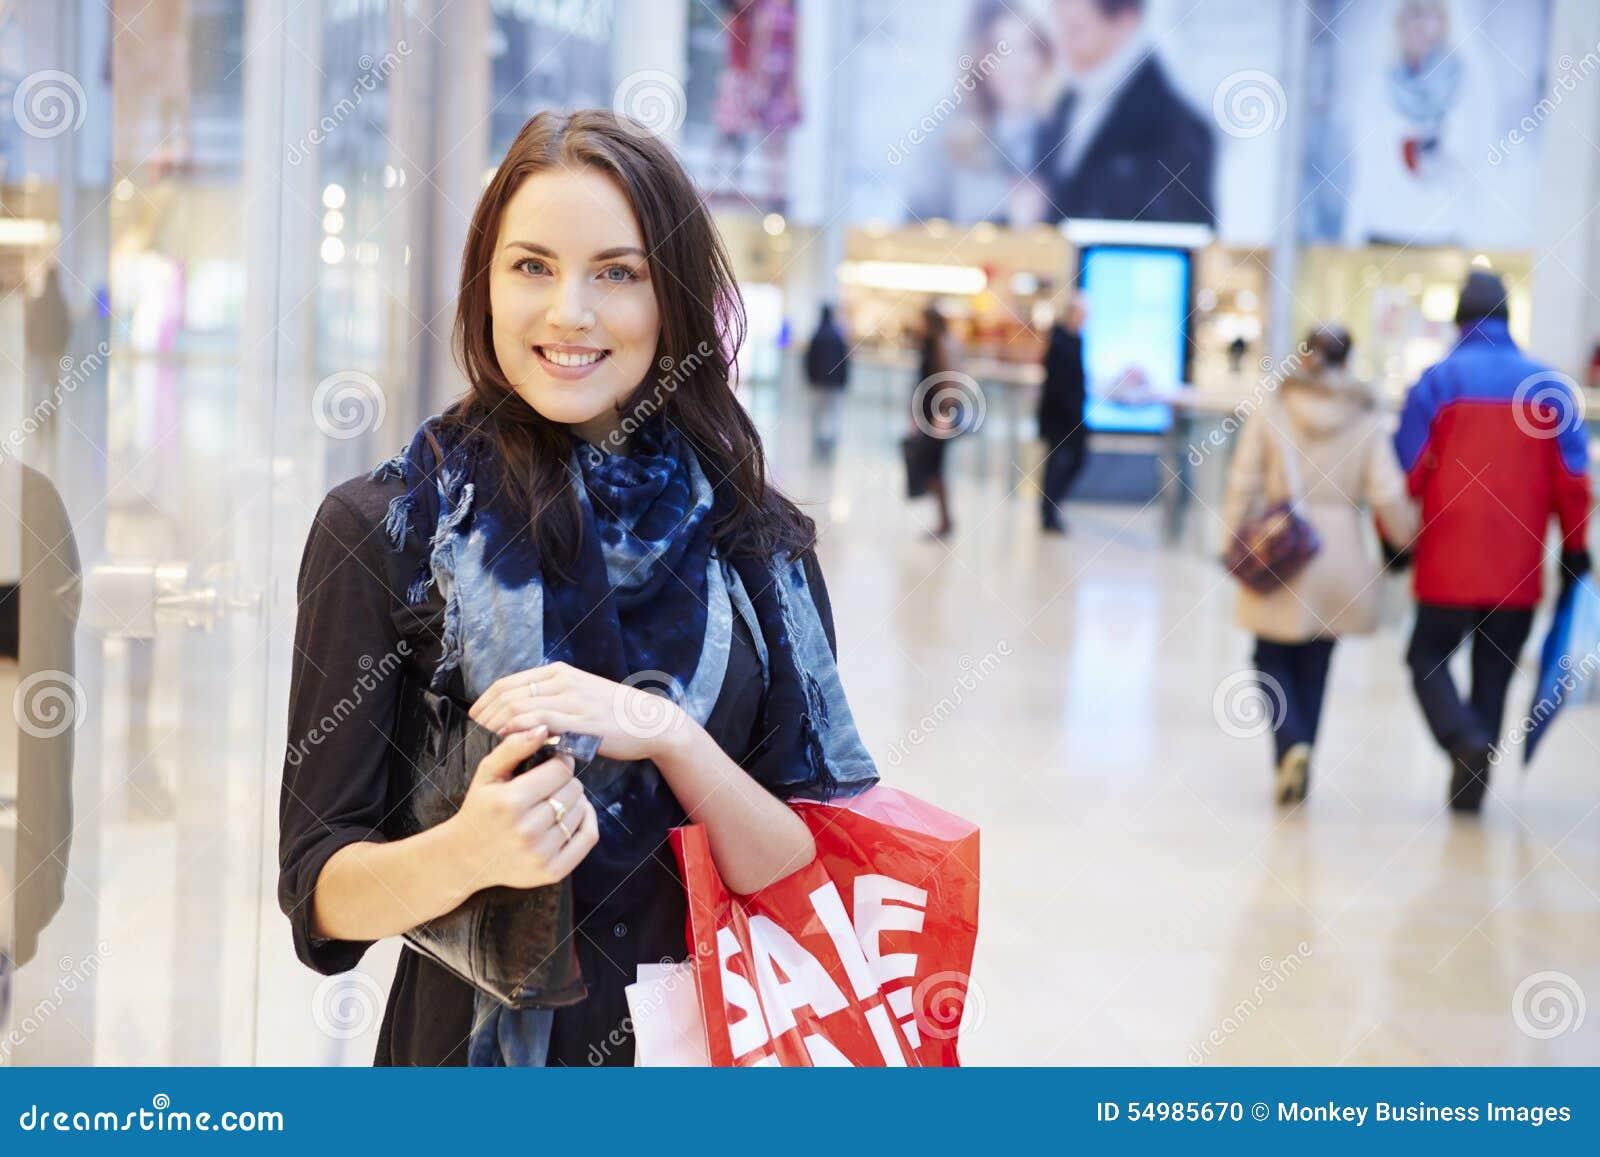 Θηλυκός αγοραστής με τις τσάντες πώλησης στη λεωφόρο αγορών